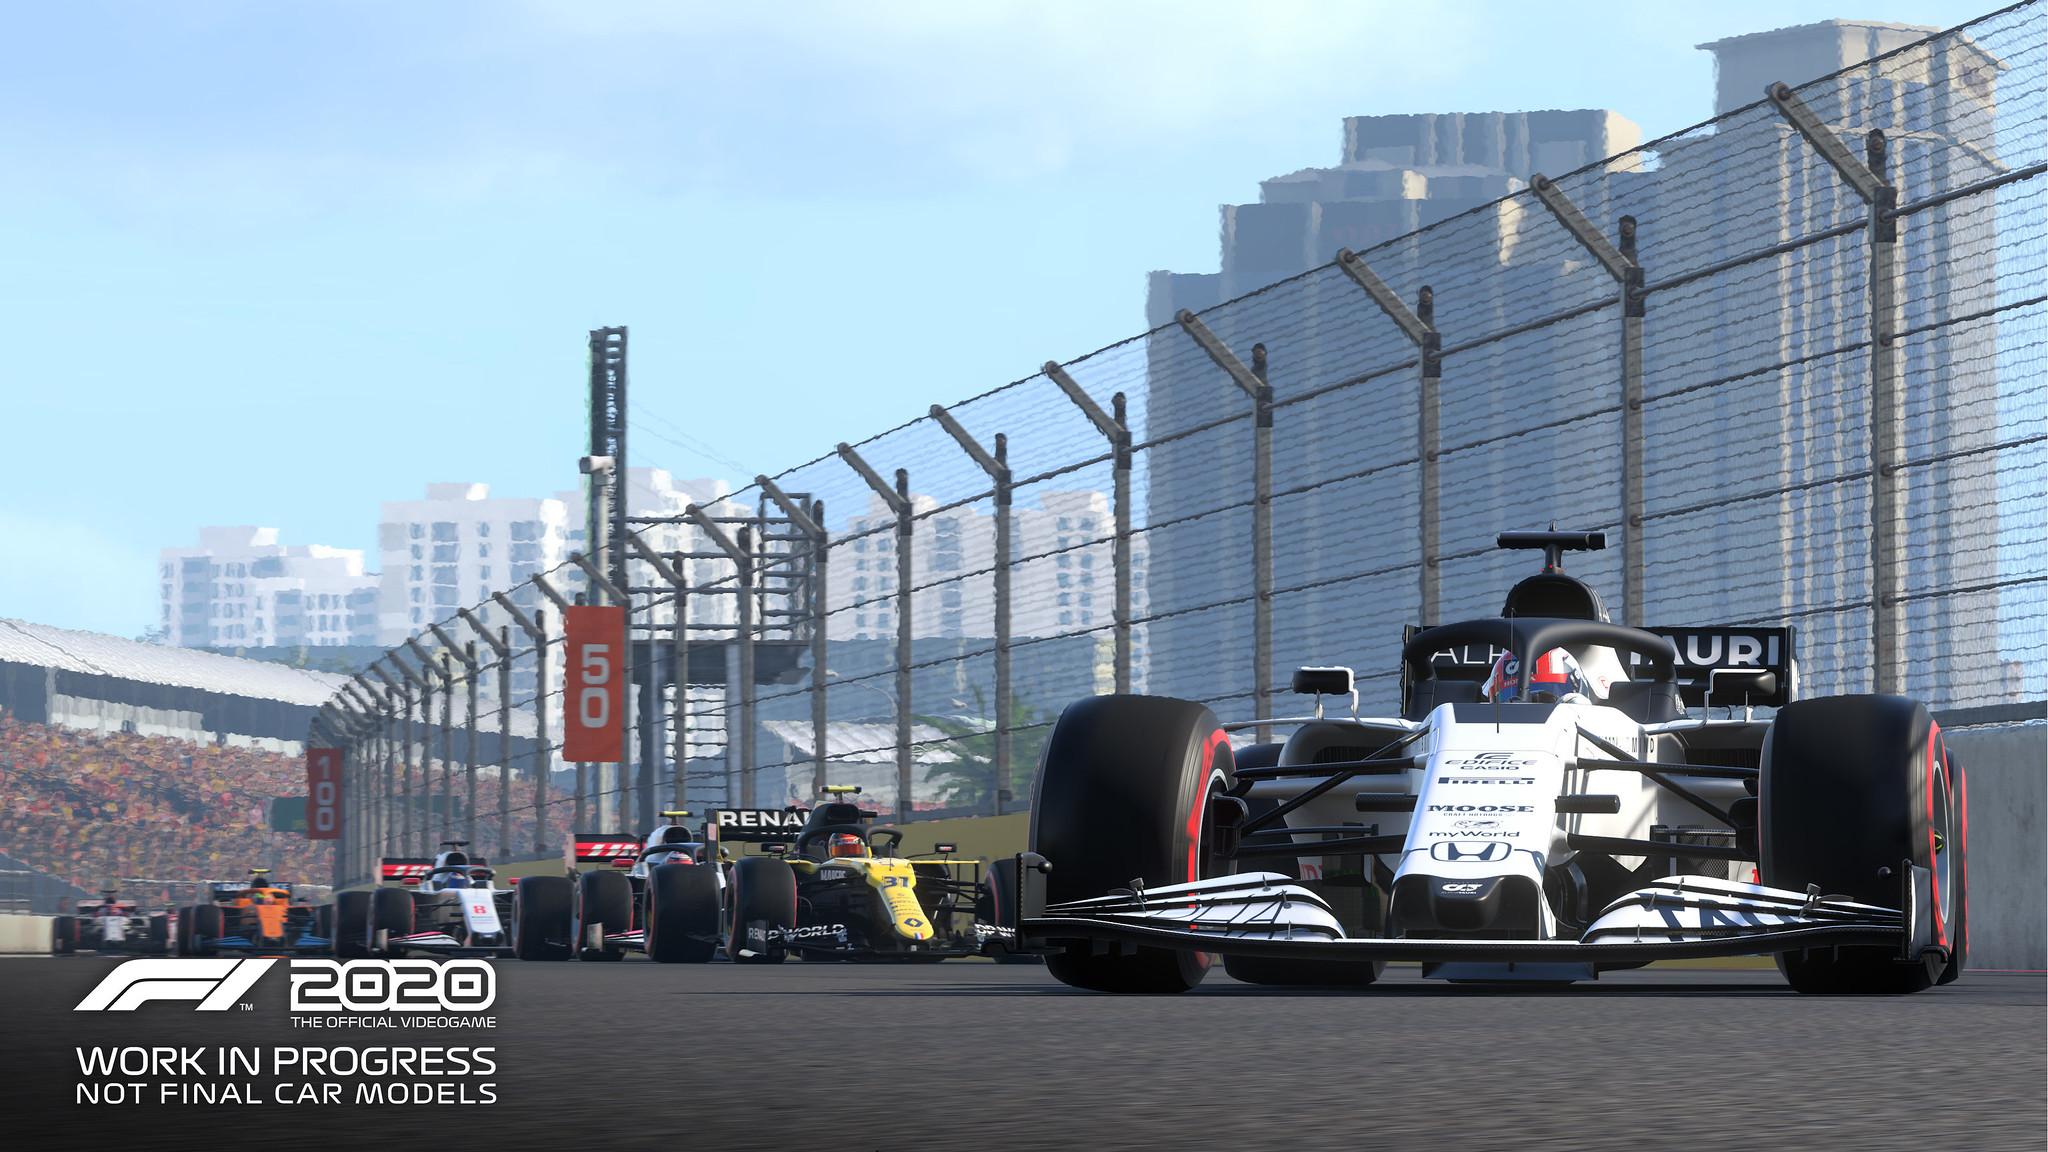 Hanoi_F1_Hybrid_Racing_07_watermarked